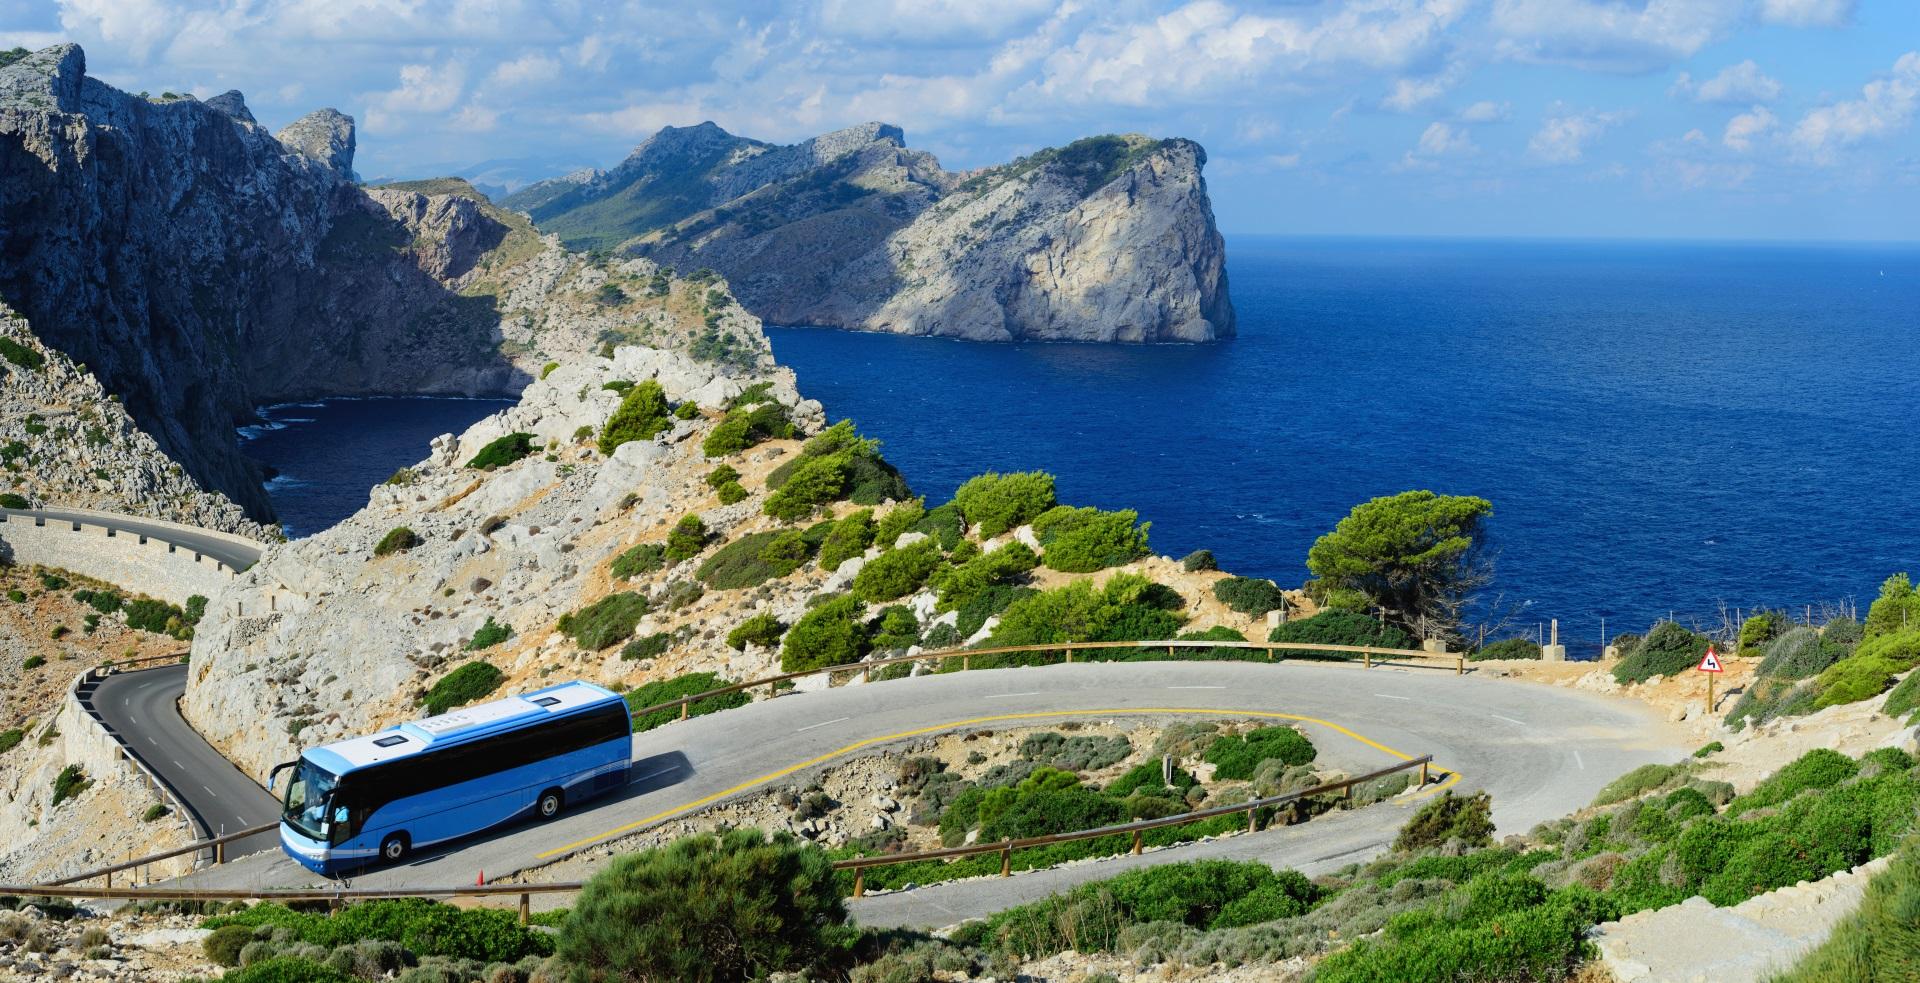 Runreise Mallorca